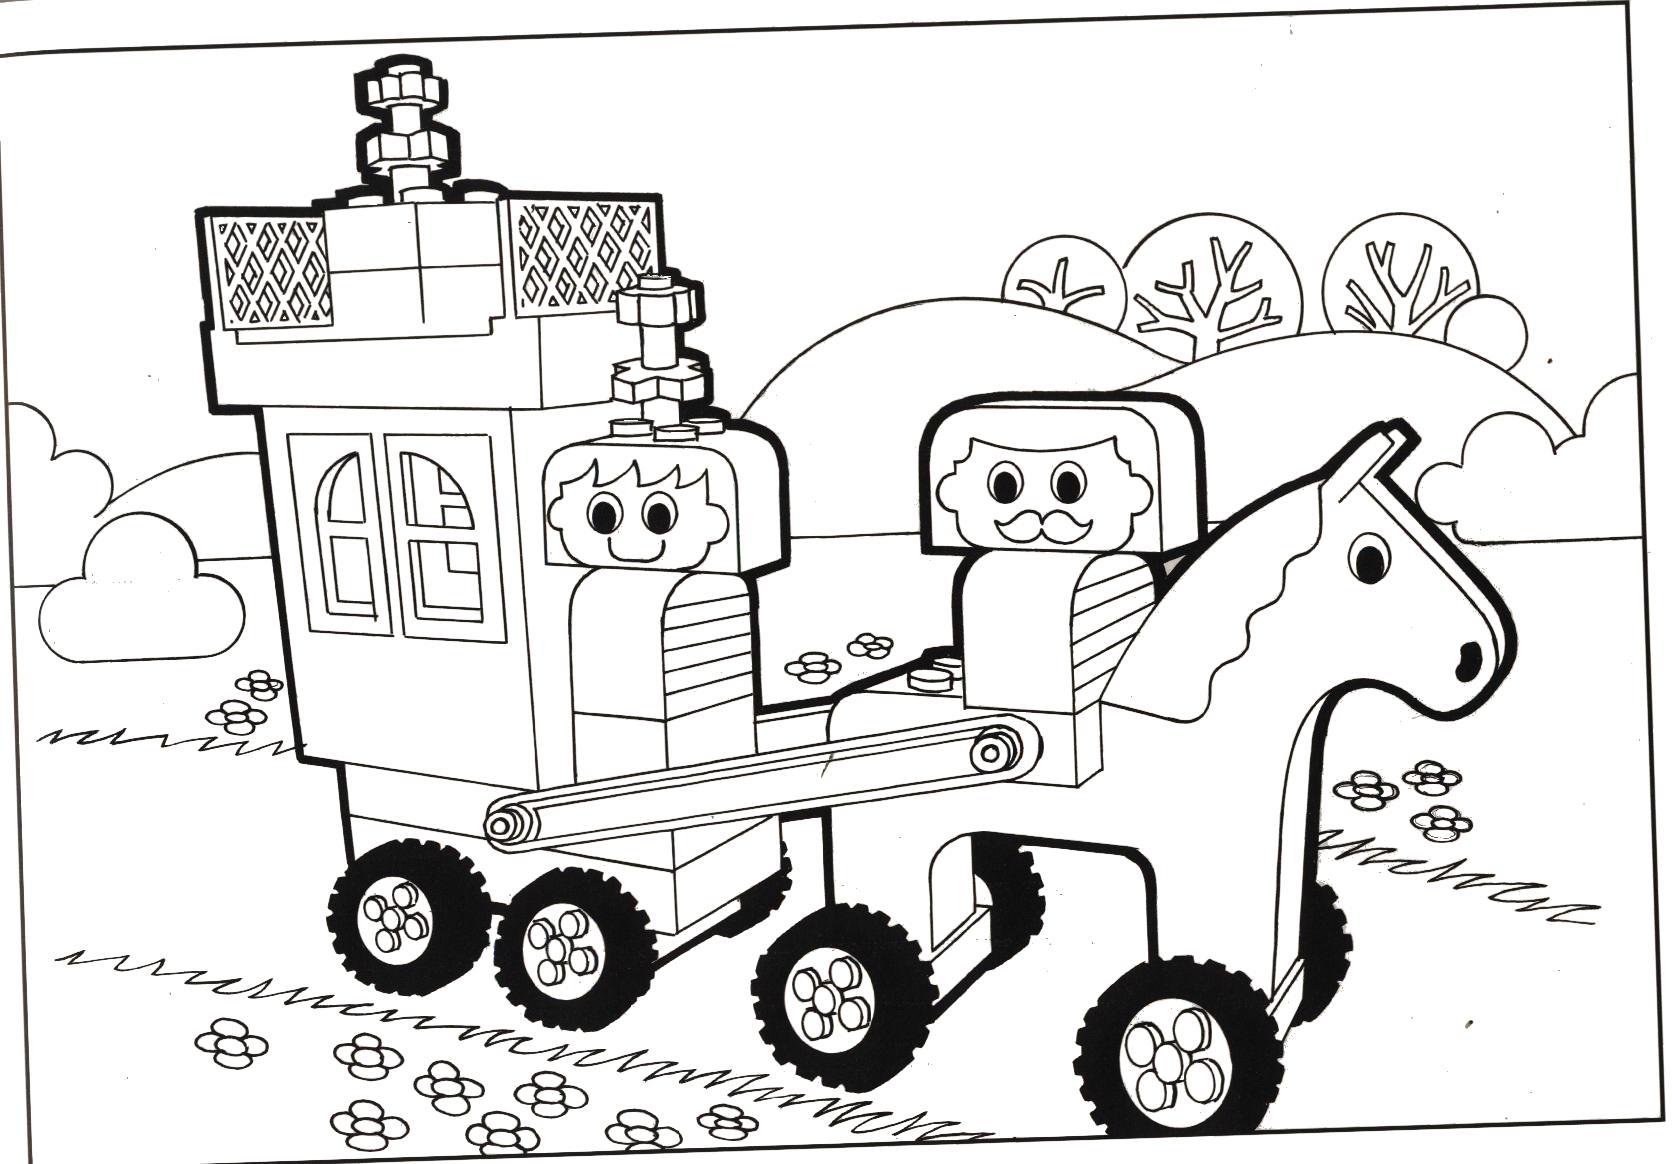 Kleurplaten Lego Brandweer.Inspirational Brandweer Kleurplaat Nl Kleurplaten